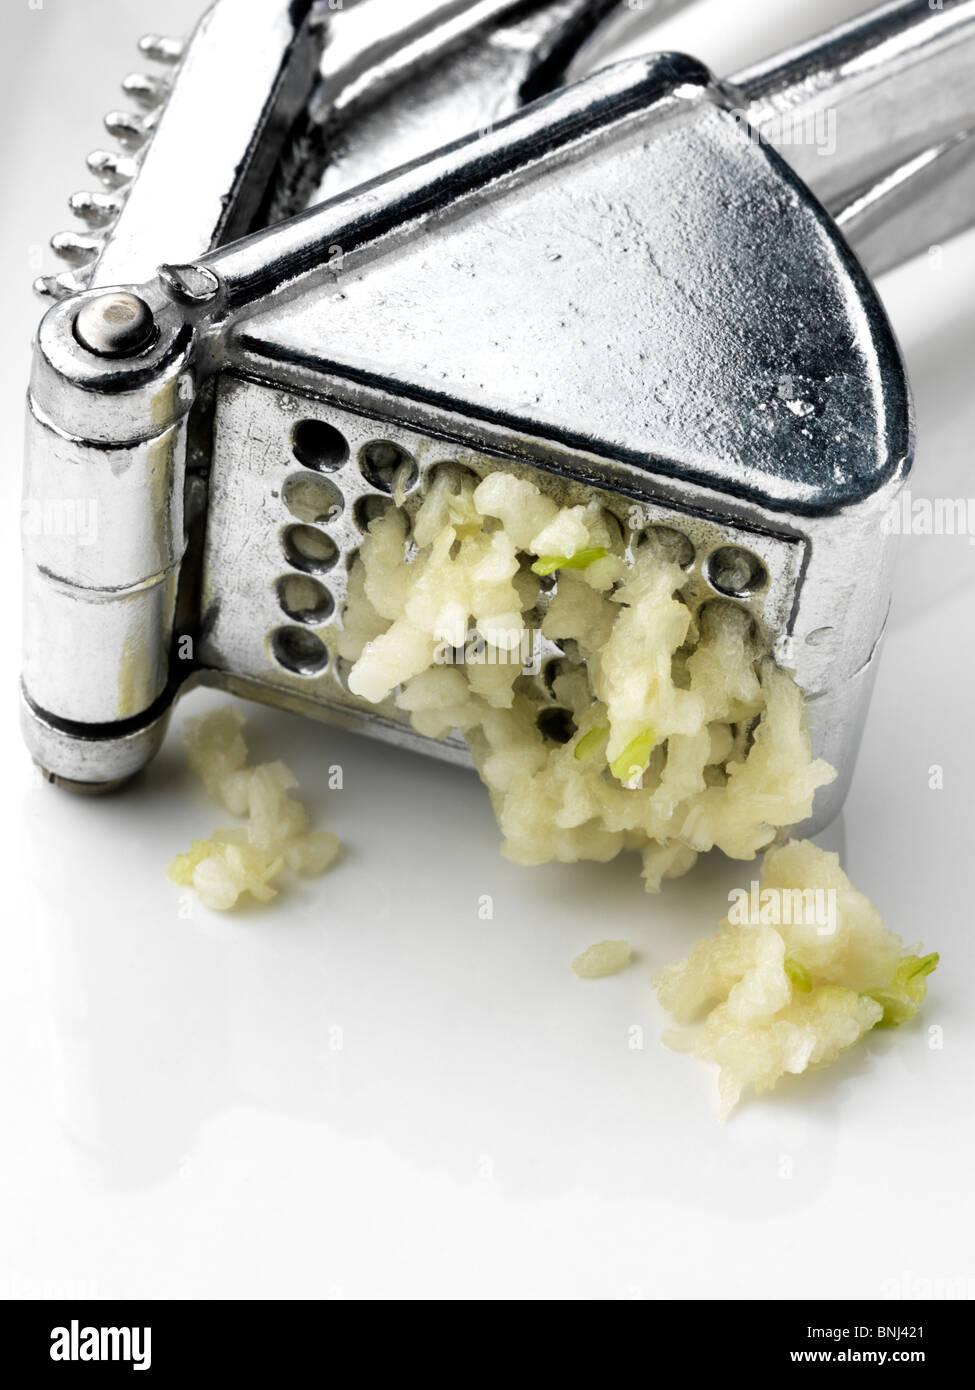 Metal garlic press squeezing - Stock Image